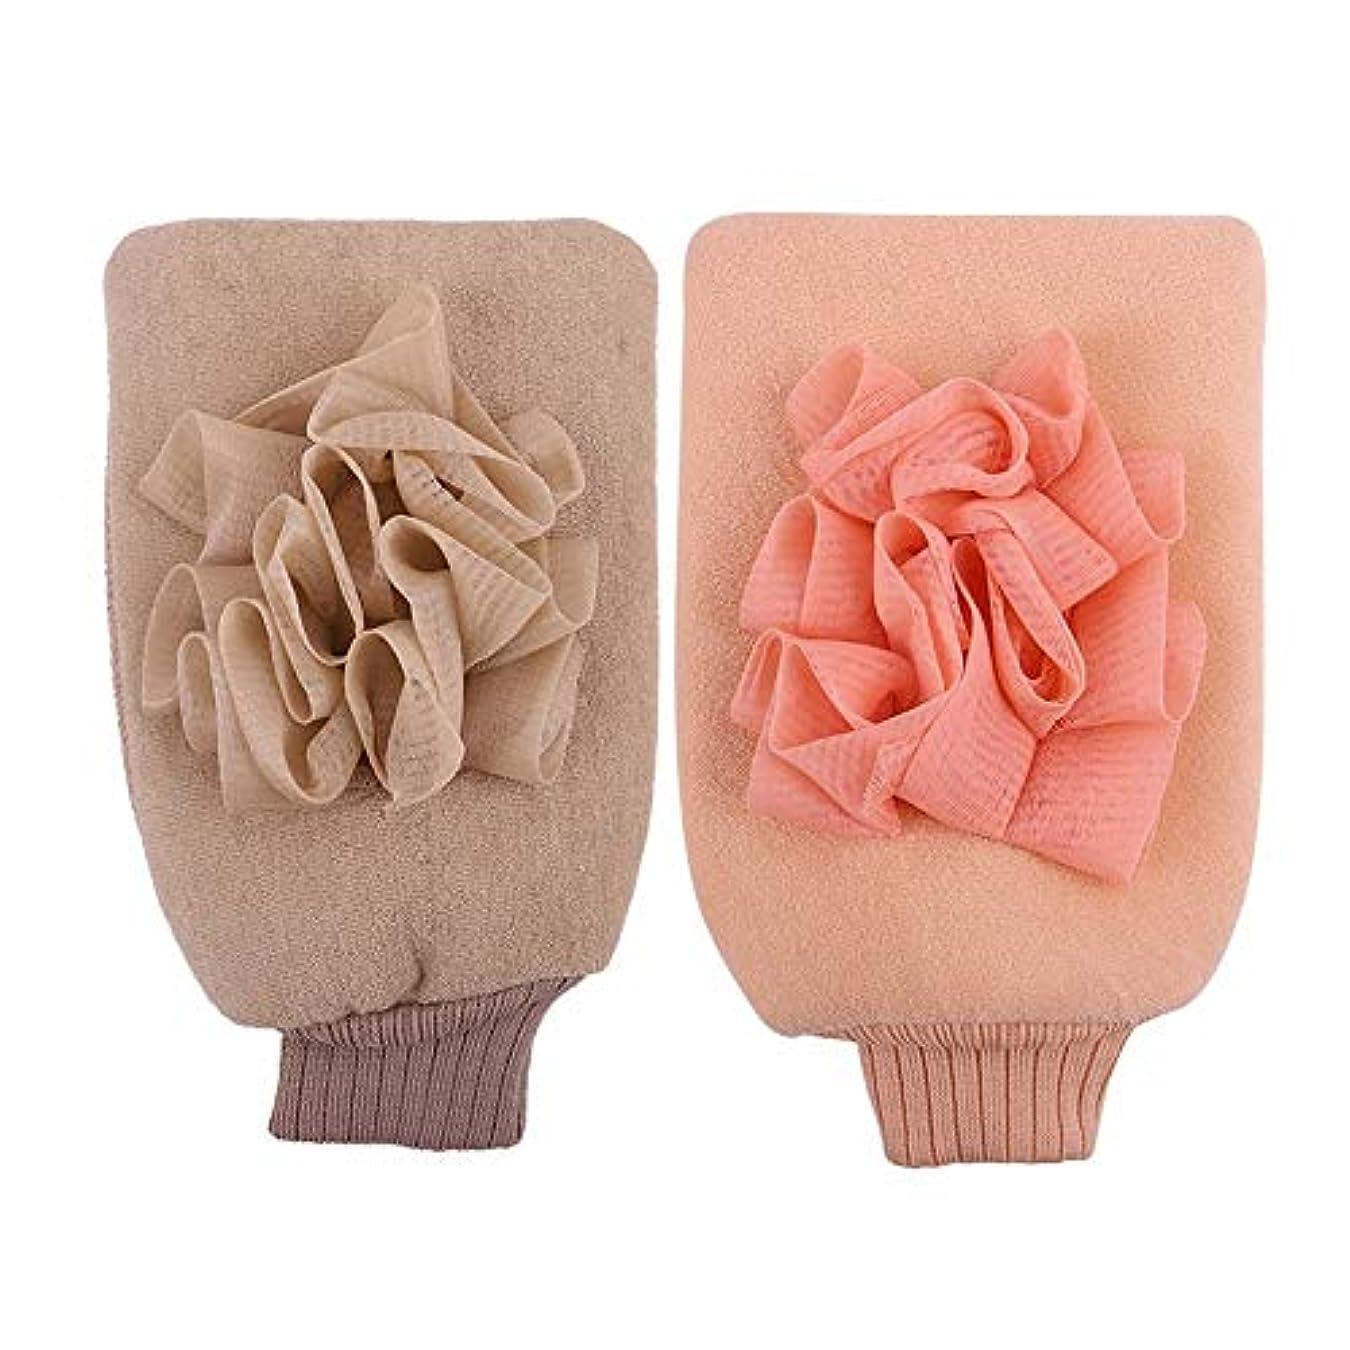 ピンポイント警報ビーチBTXXYJP お風呂用手袋 シャワー手袋 あかすり手袋 ボディブラシ やわらか ボディタオル バス用品 男女兼用 角質除去 (Color : Pink+beige)